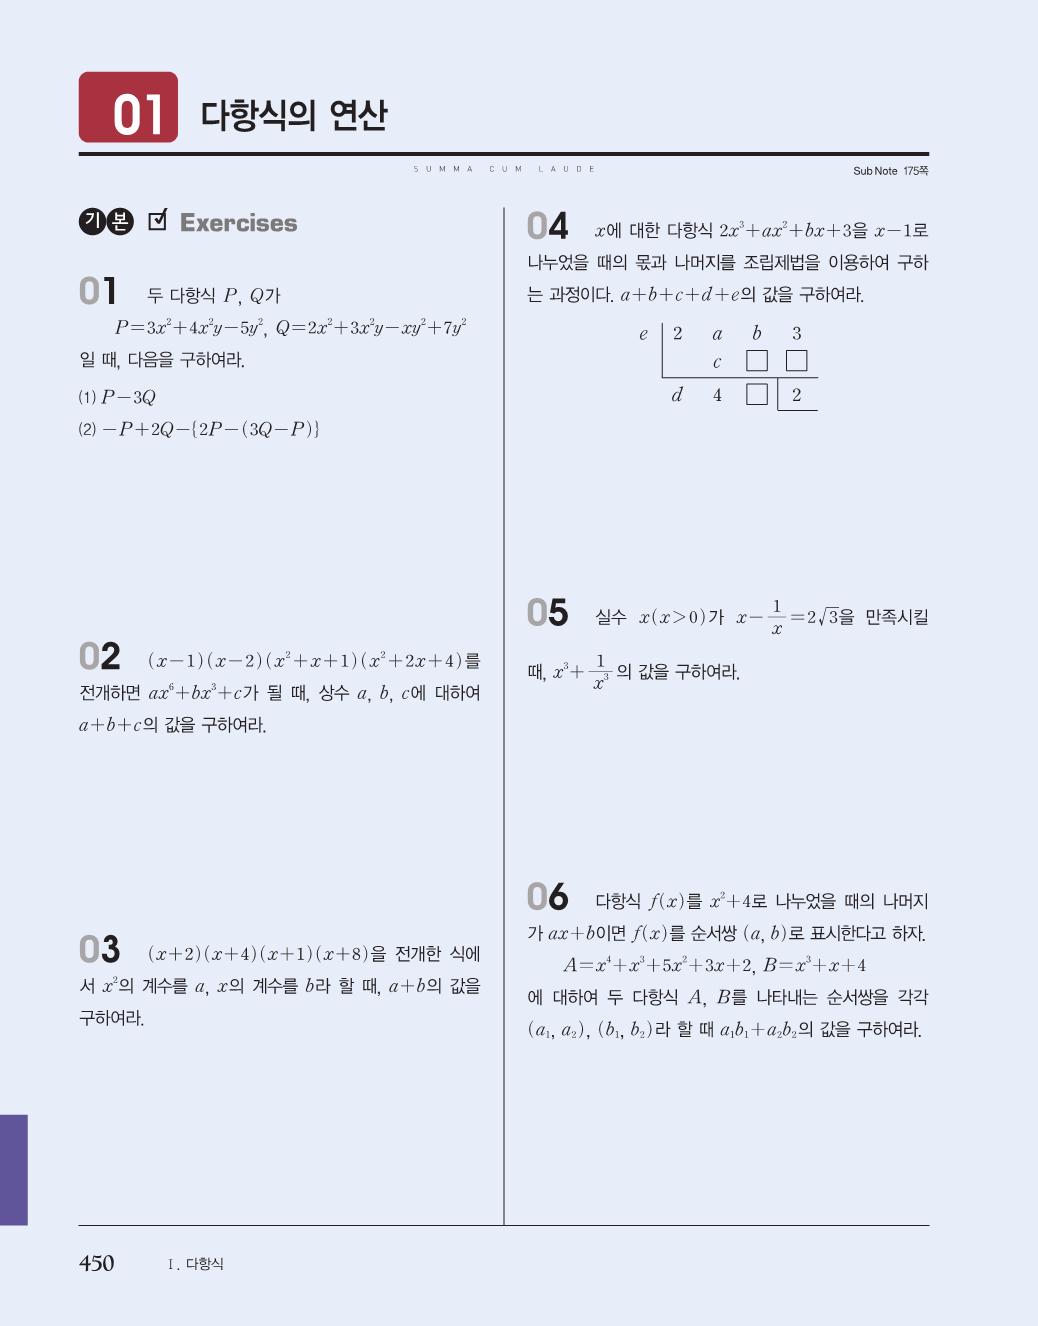 숨마쿰라우데 기본개념서 고등수학(상)_optimize28.png